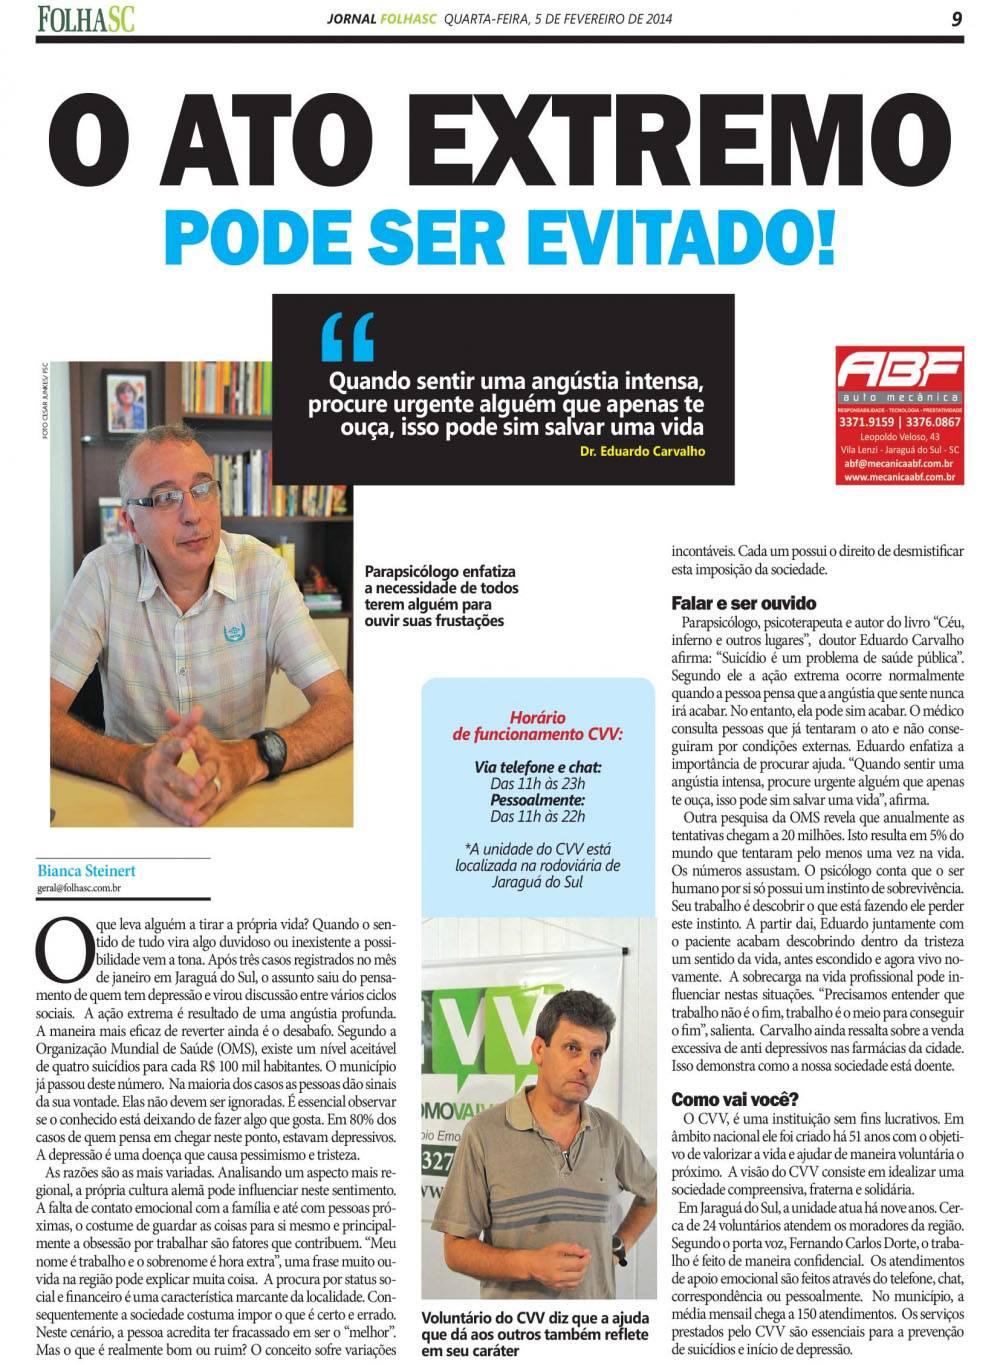 Jornal FolhaSC -5 fev 2014